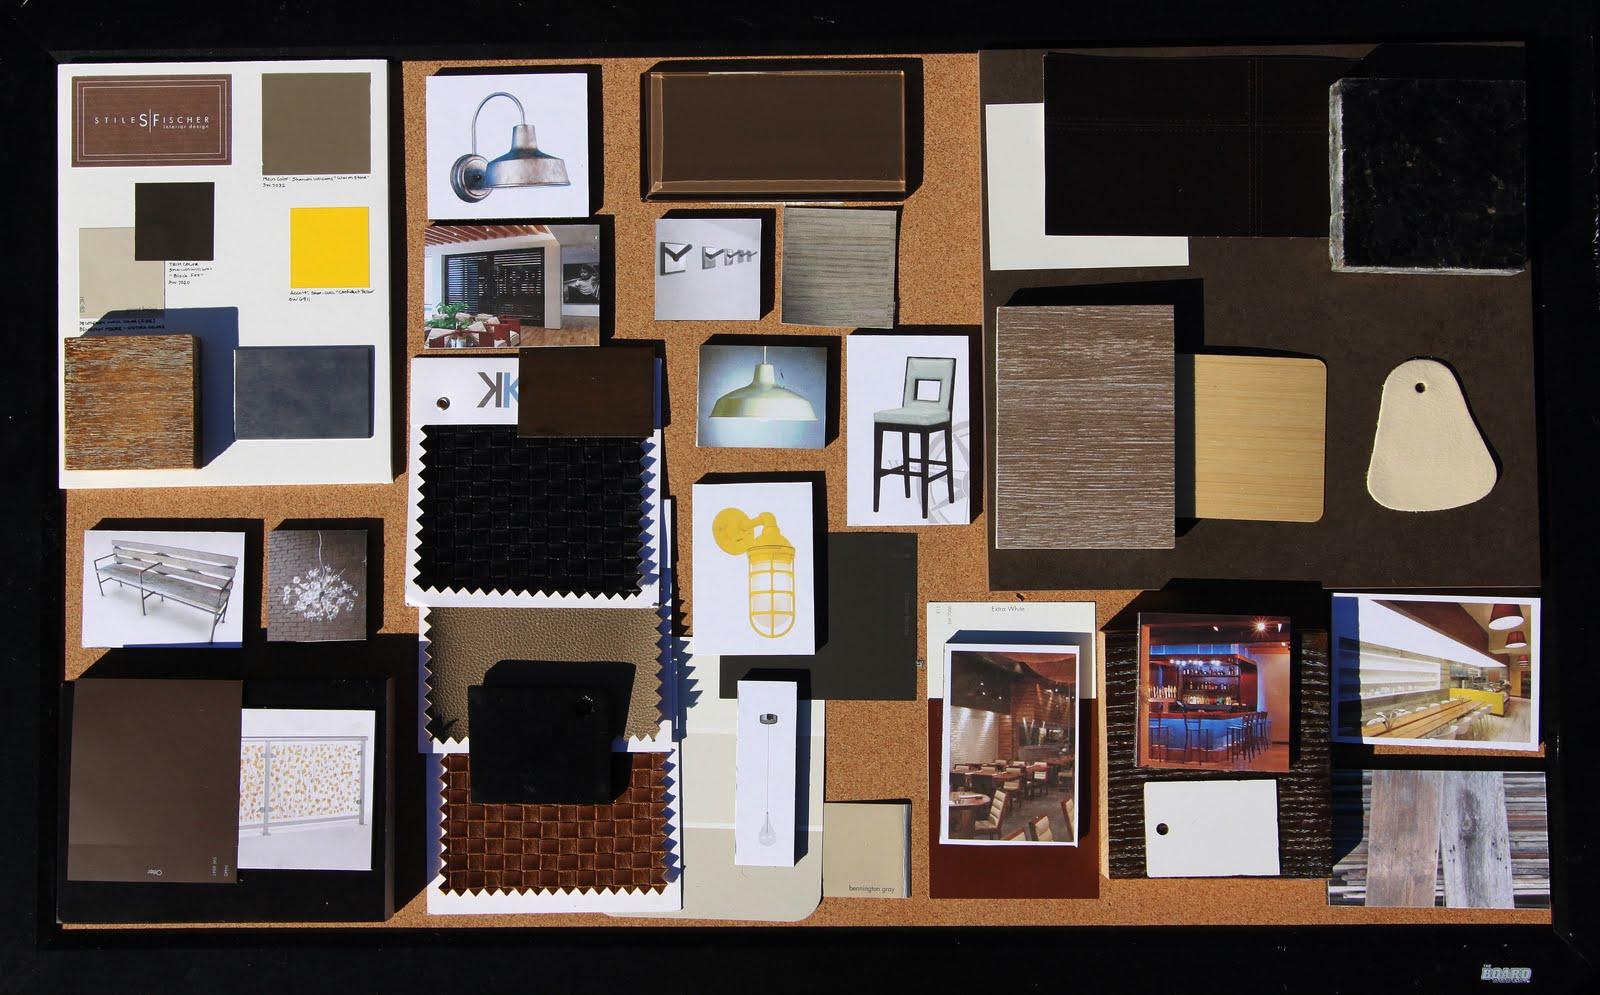 Stiles fischer interior design what i do presentation